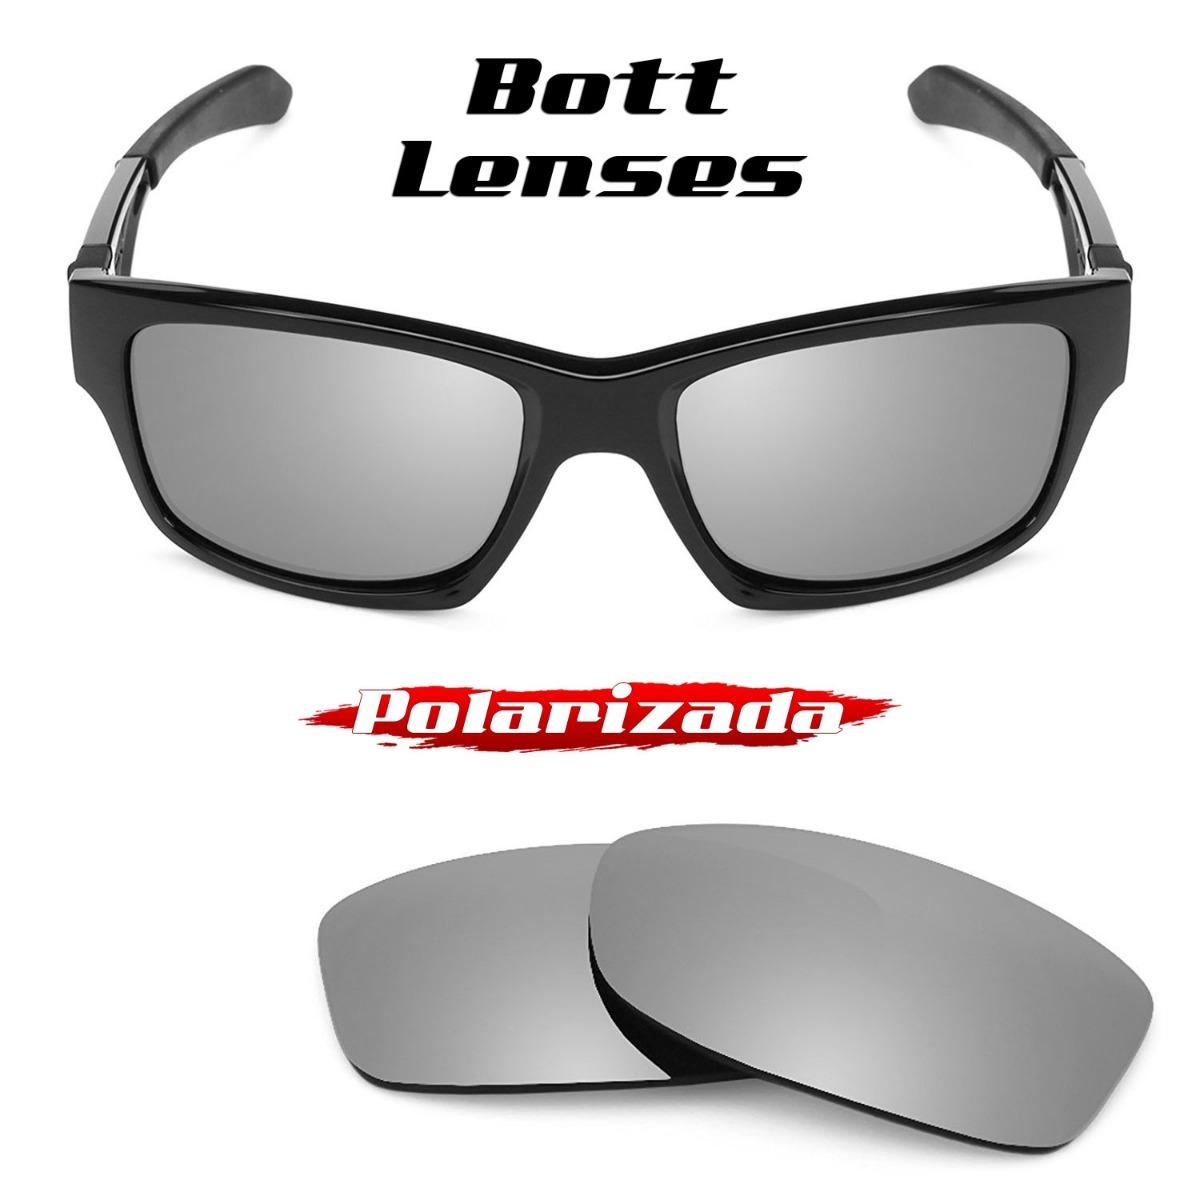 c7ba51ac57075 lente jupiter squared titanium polarizada bott-lenses. Carregando zoom.